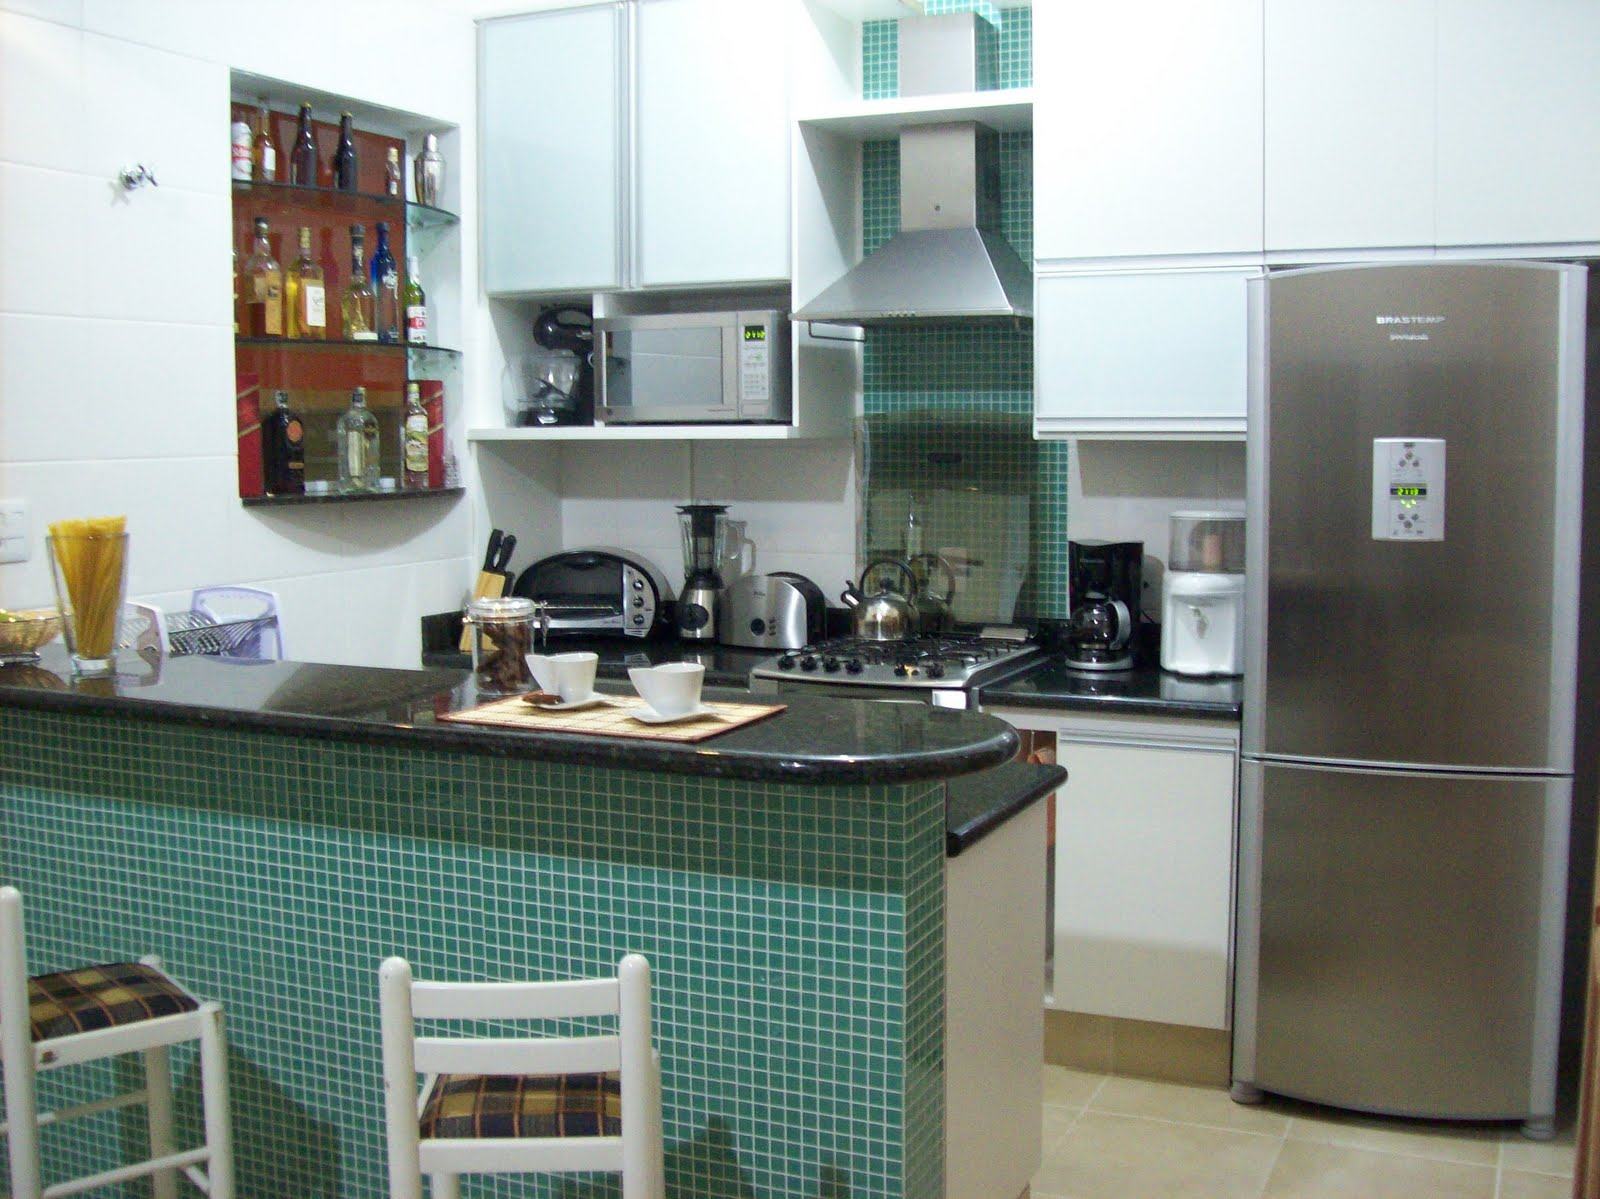 Cozinhas pequenas – Como usar? se fosse na minha casa #644738 1600 1199